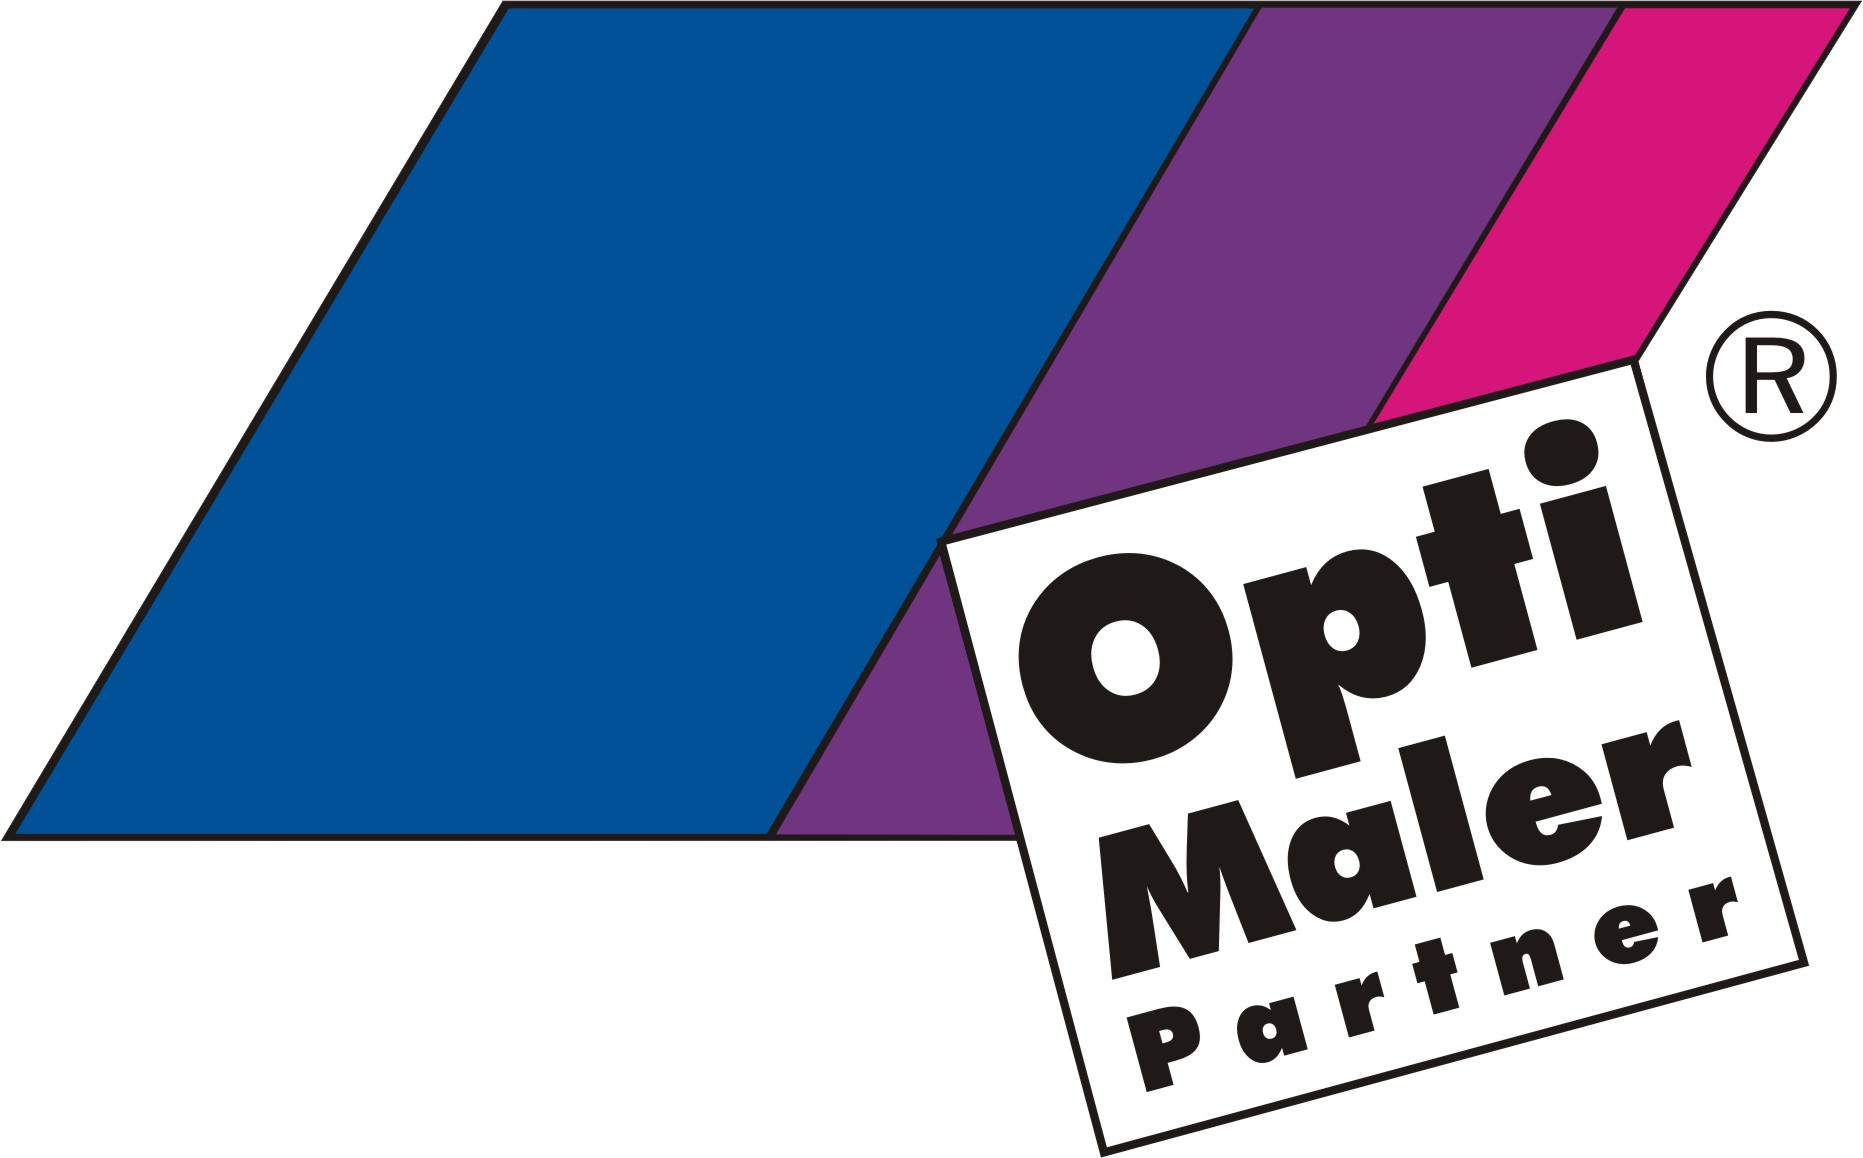 Opti Maler Partner